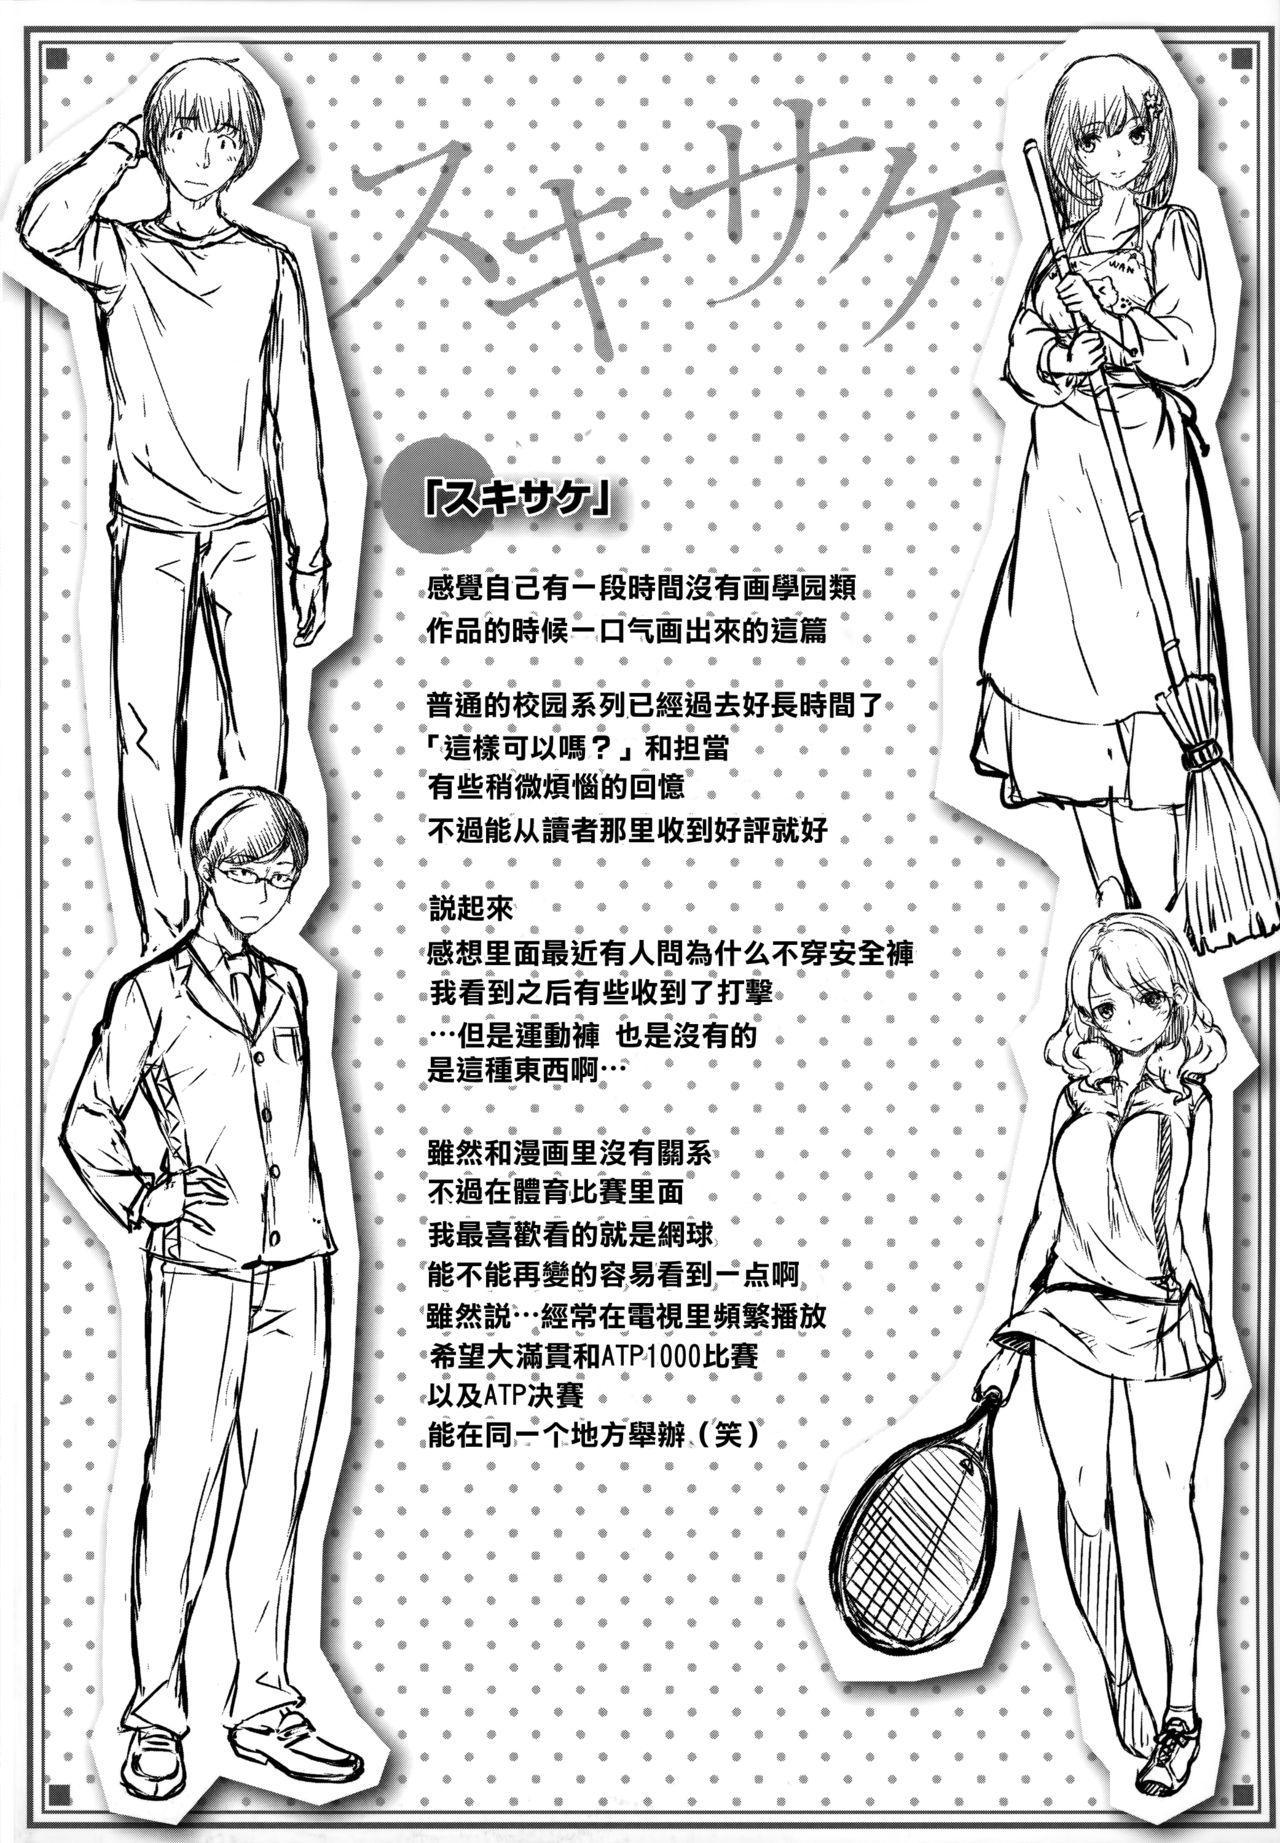 Zutto Daisuki 195